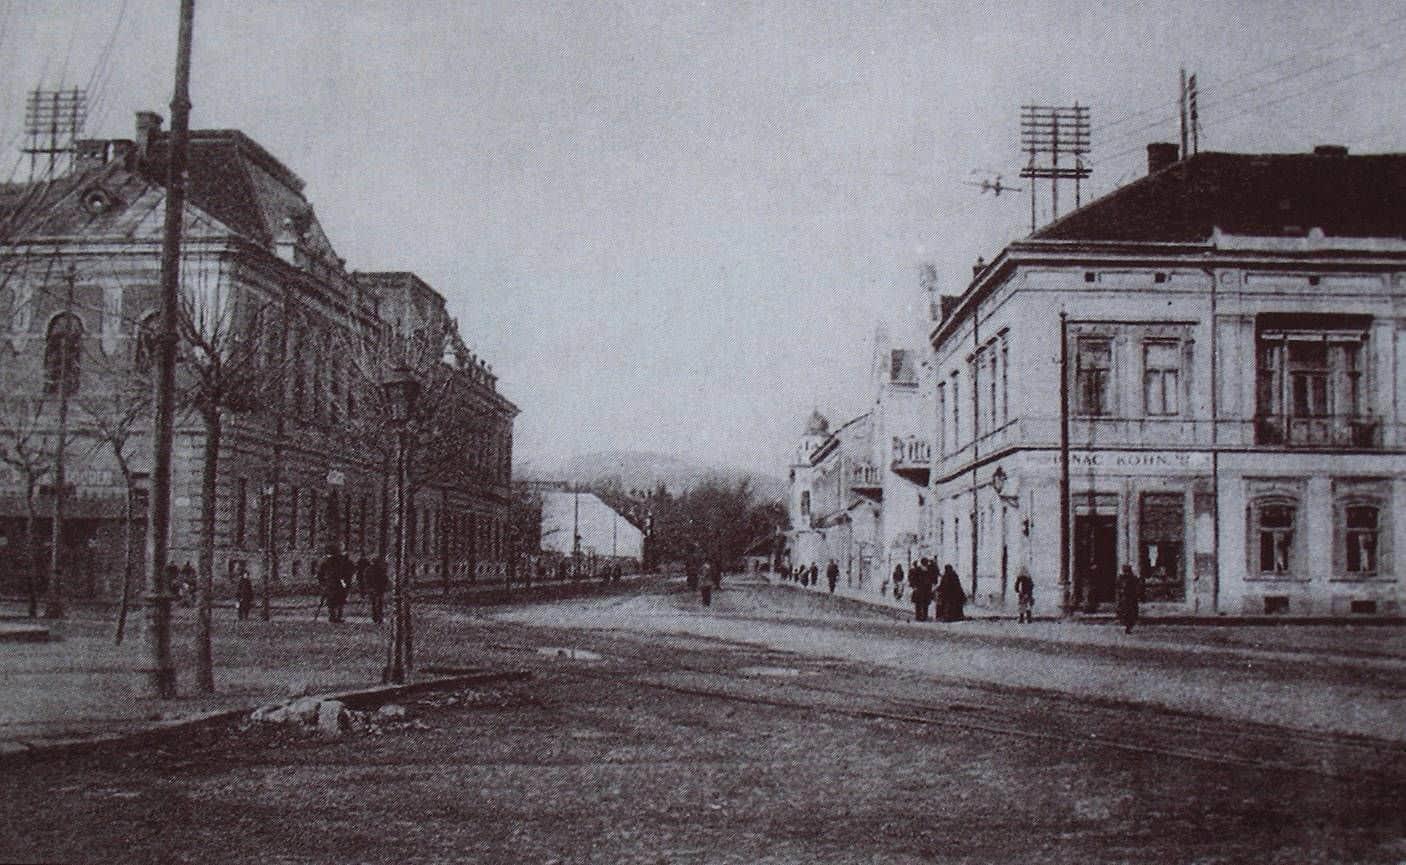 Autor: Dnes_komenskeho_ulica Košice historické fotografie / Kronika Slovenskej republiky